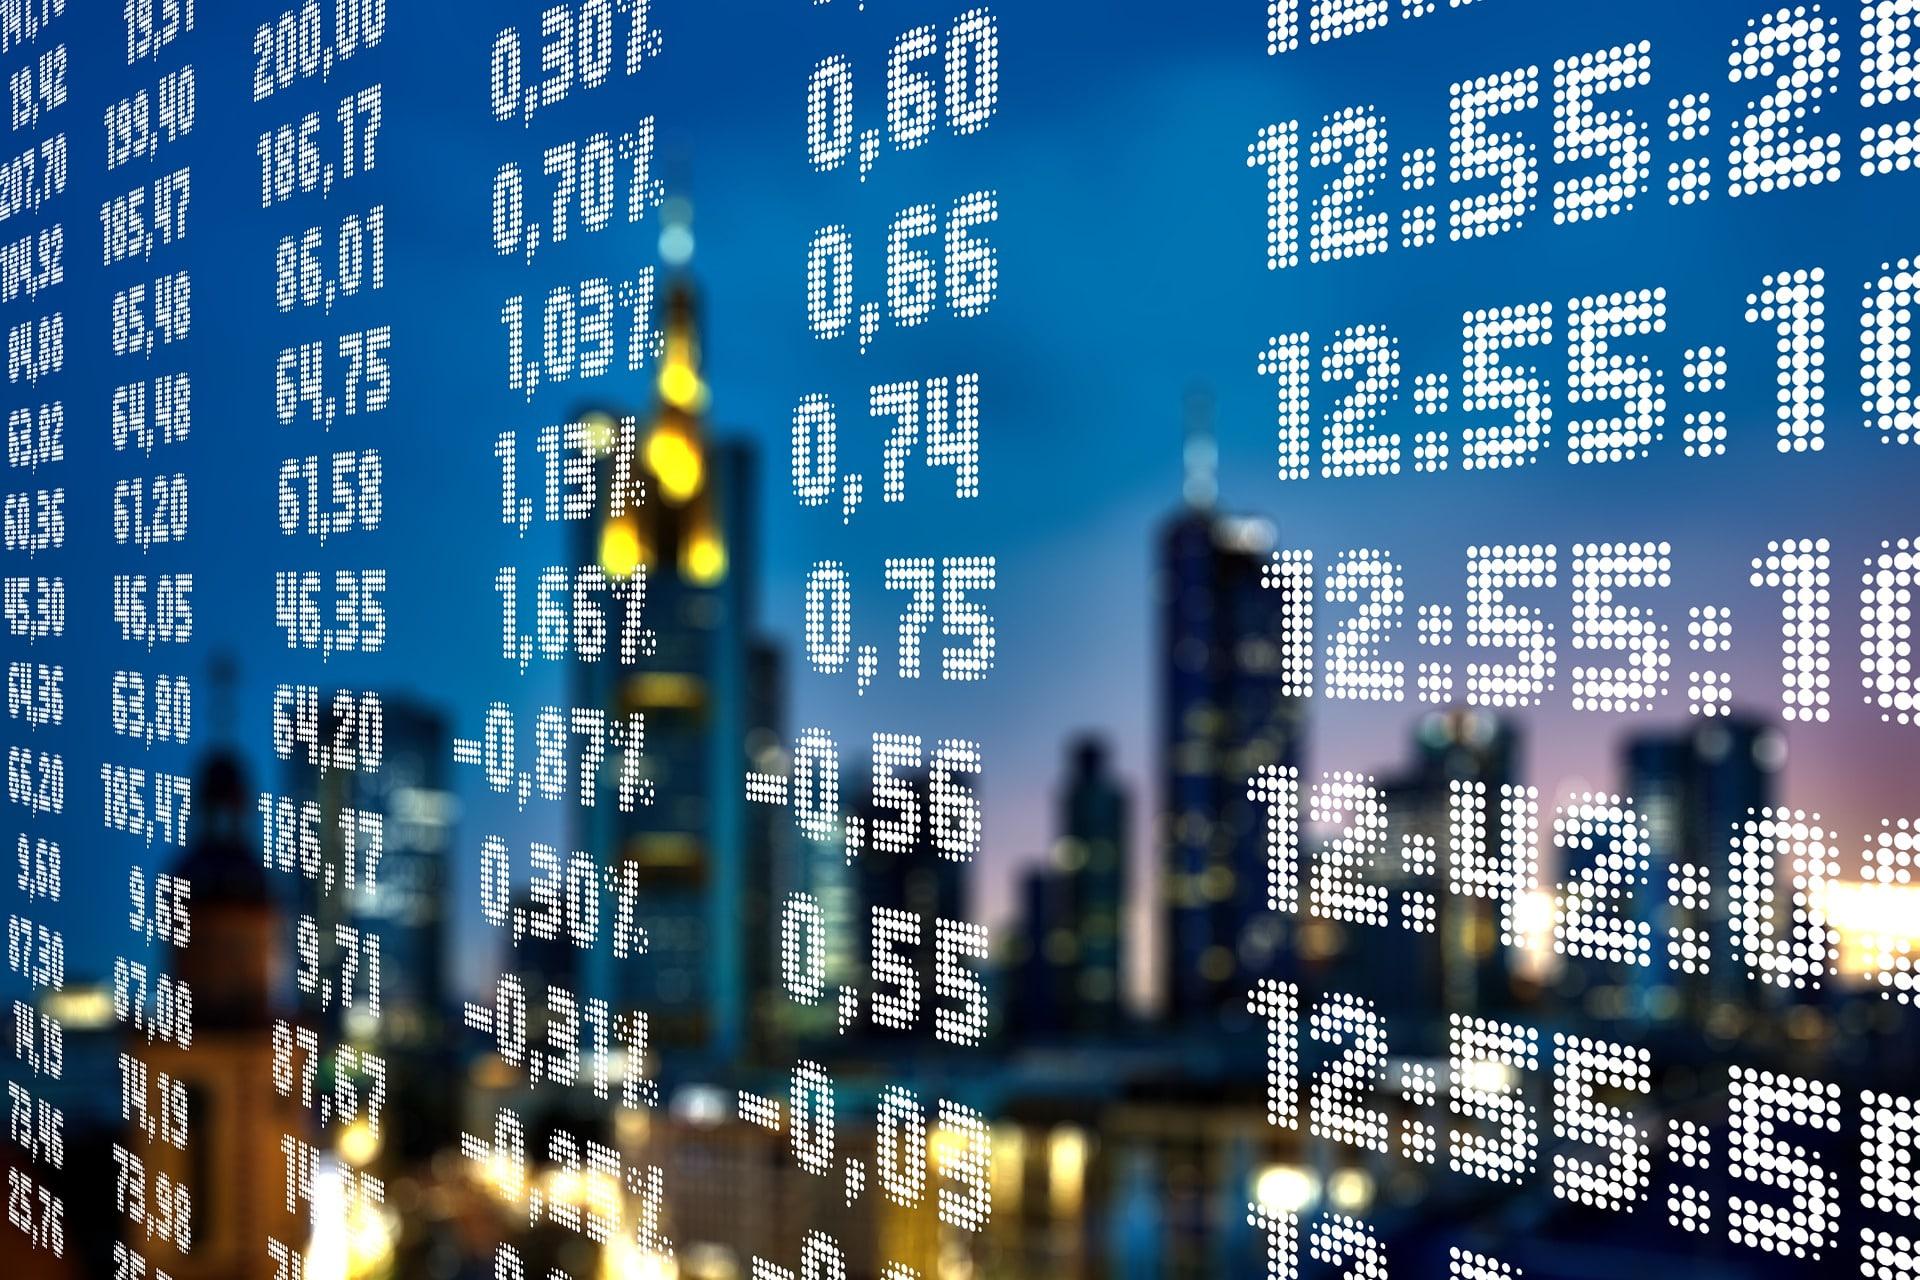 Pandemin har skapat en rekordhög volatilitet på börsen